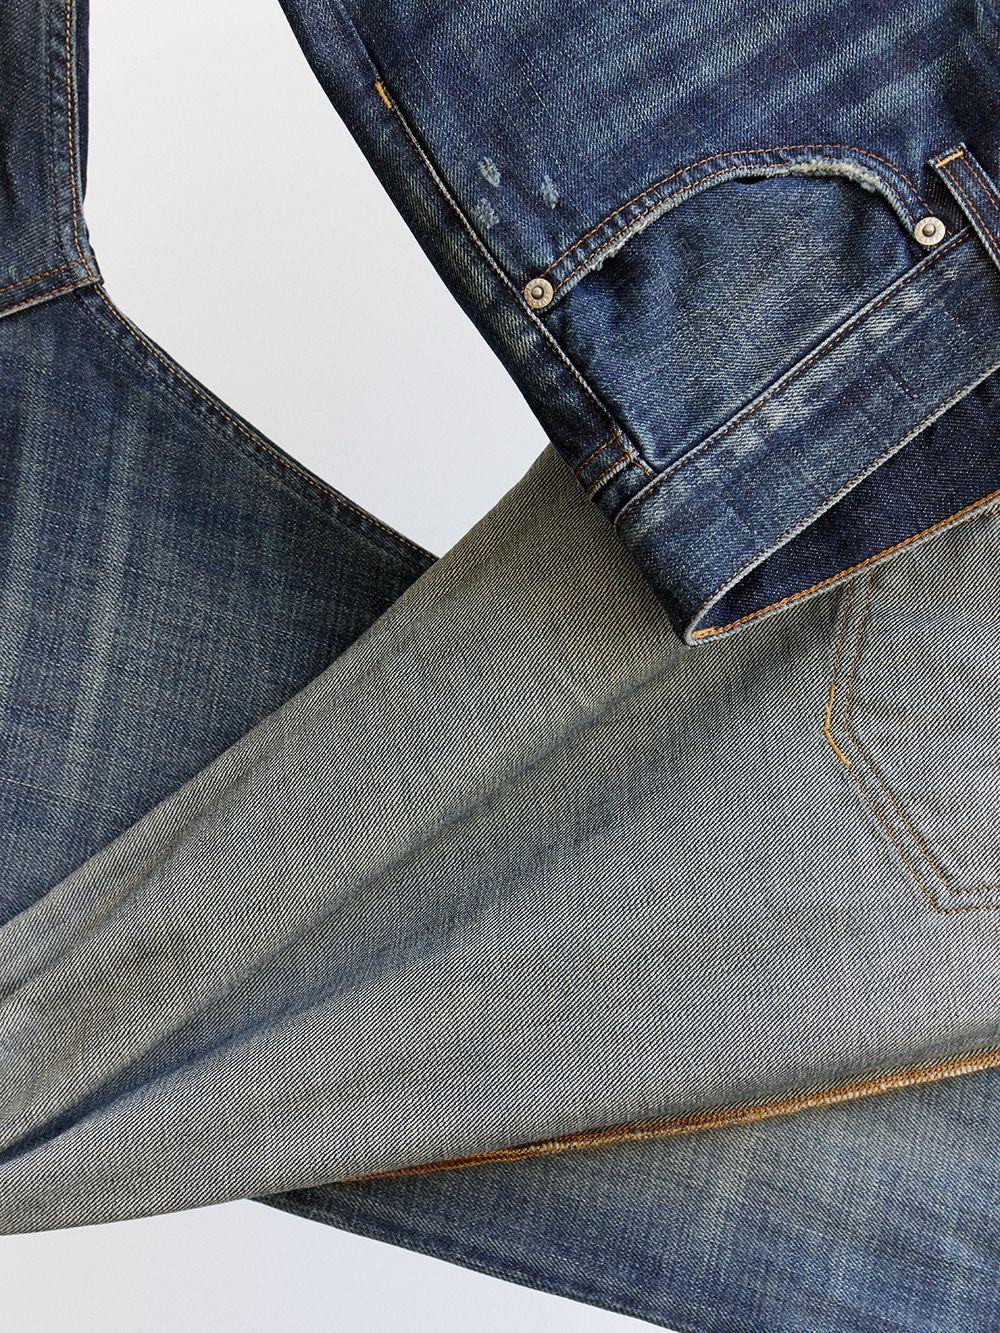 Jeans von Department 5